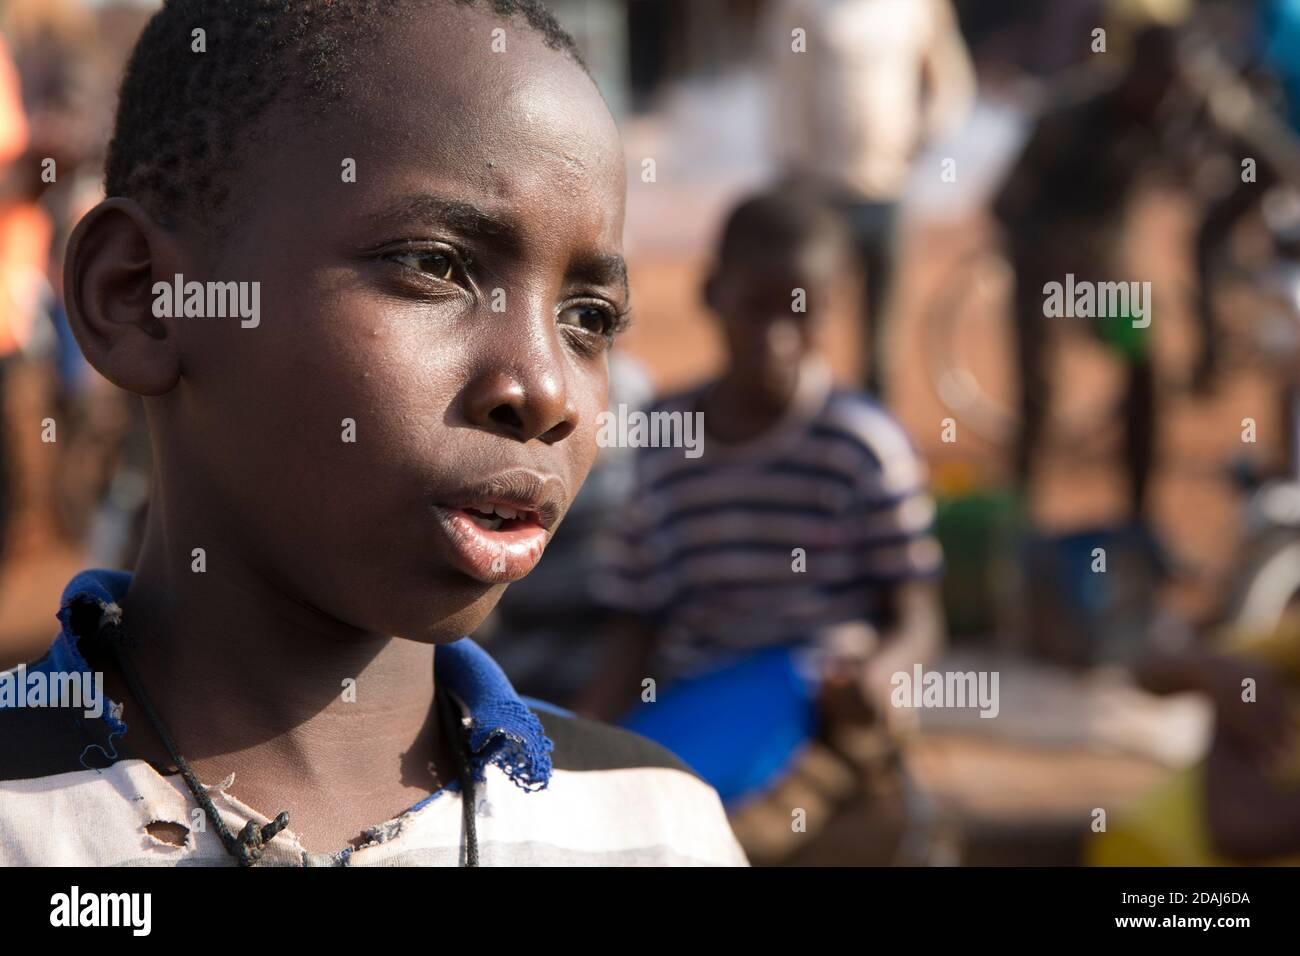 Selingue, Mali, 25 avril 2015; femmes et filles remplissant des conteneurs d'eau à un point d'eau de la rue principale. Ils rivalisent avec les nettoyeurs de moto pour l'eau. Banque D'Images